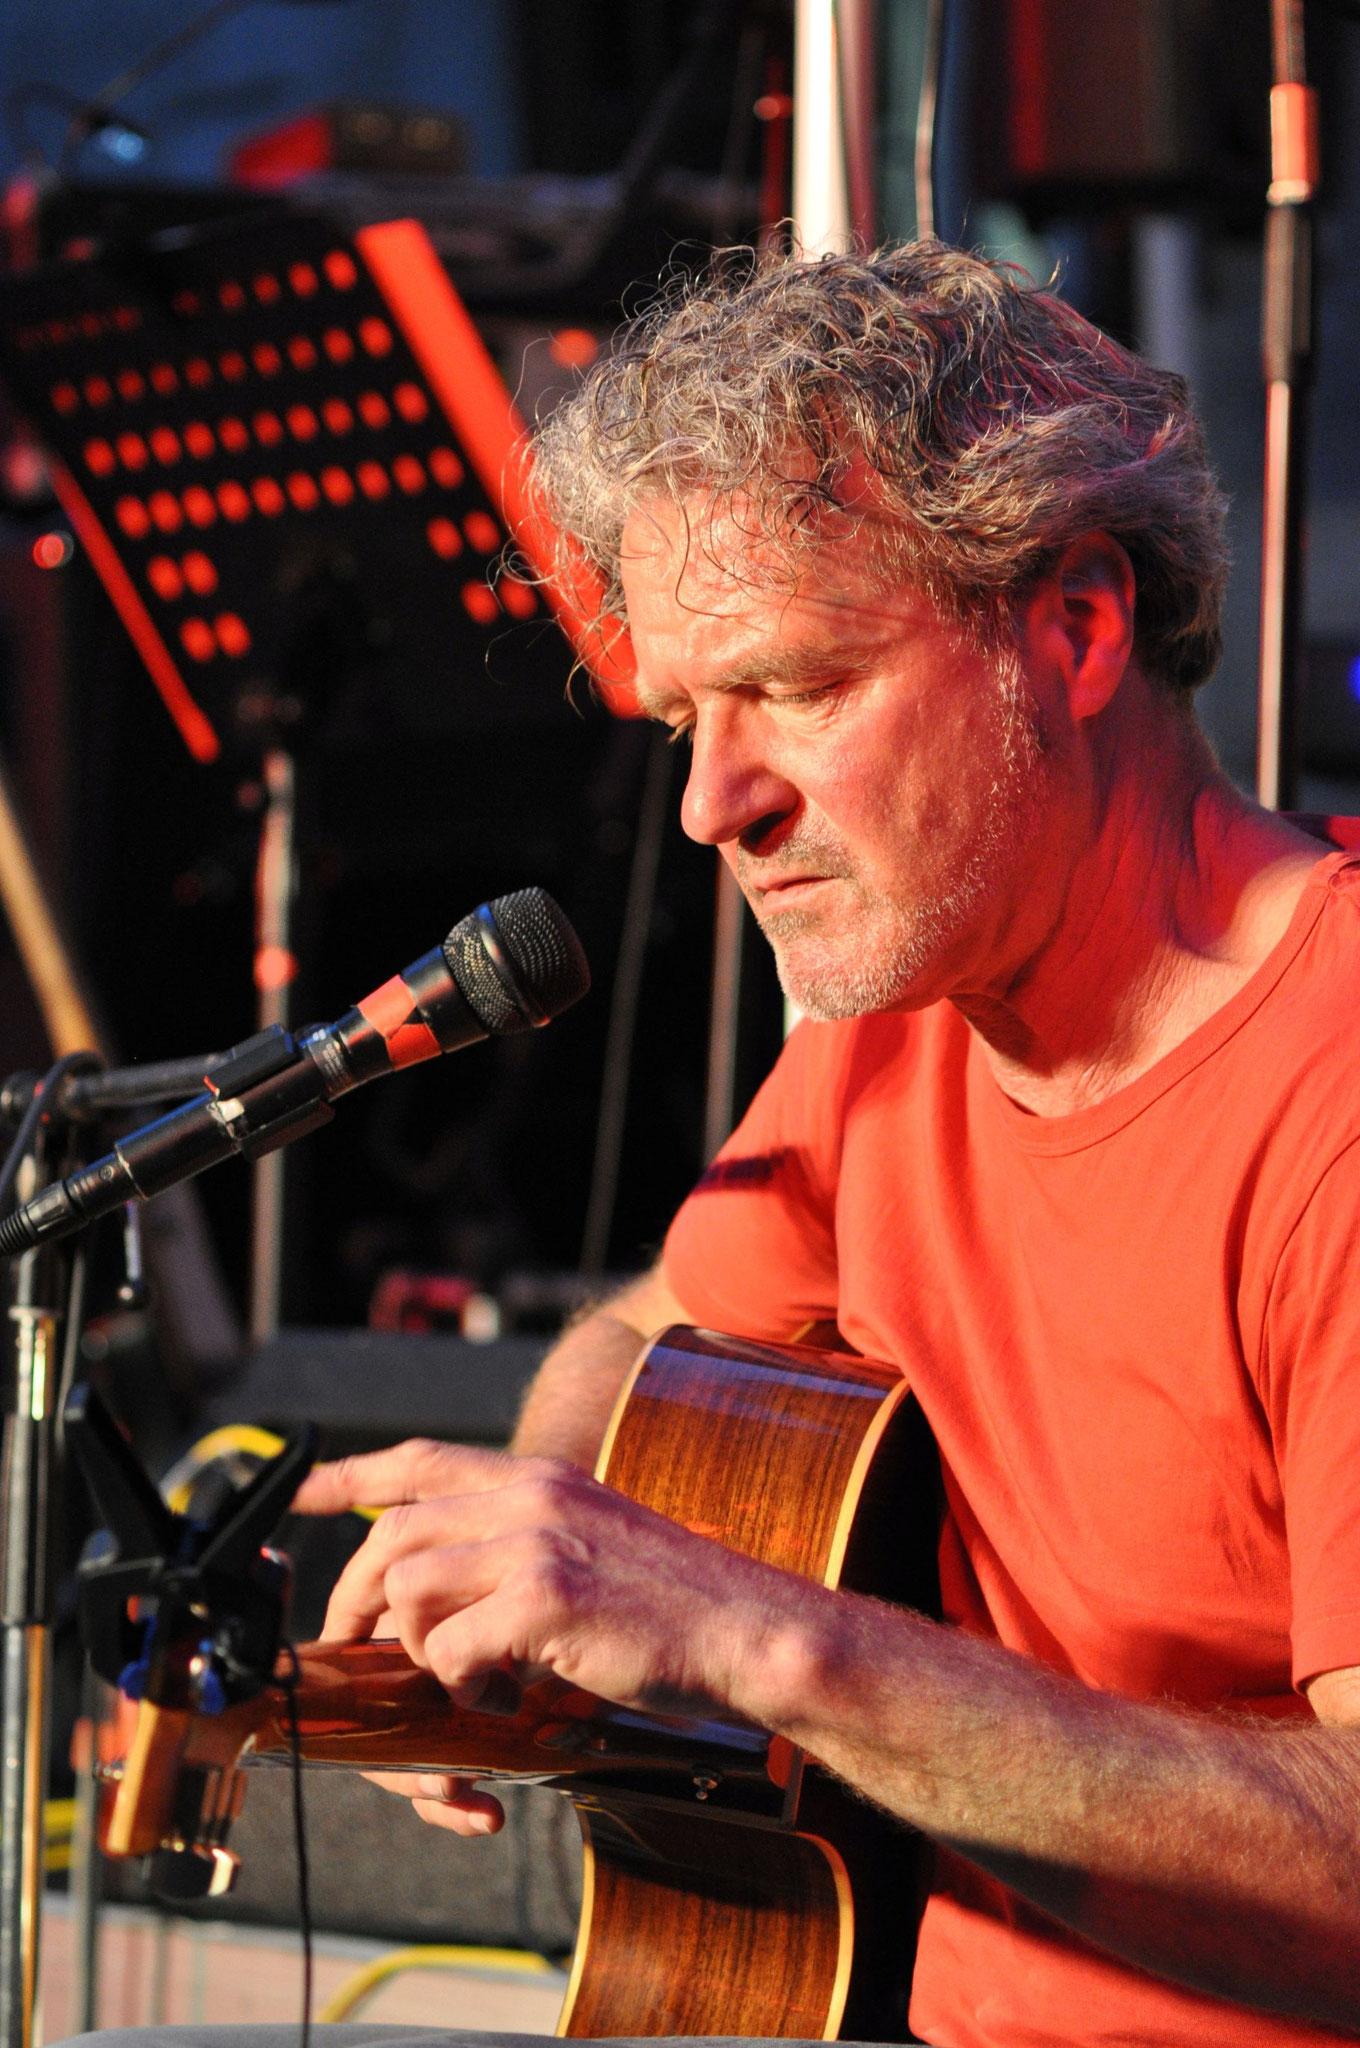 Konzerte im Bürgerhof 23.06.2012 Dieter Bornschlegel - Freiwilligen-Zentrum Augsburg - Foto: Martin Schönberger